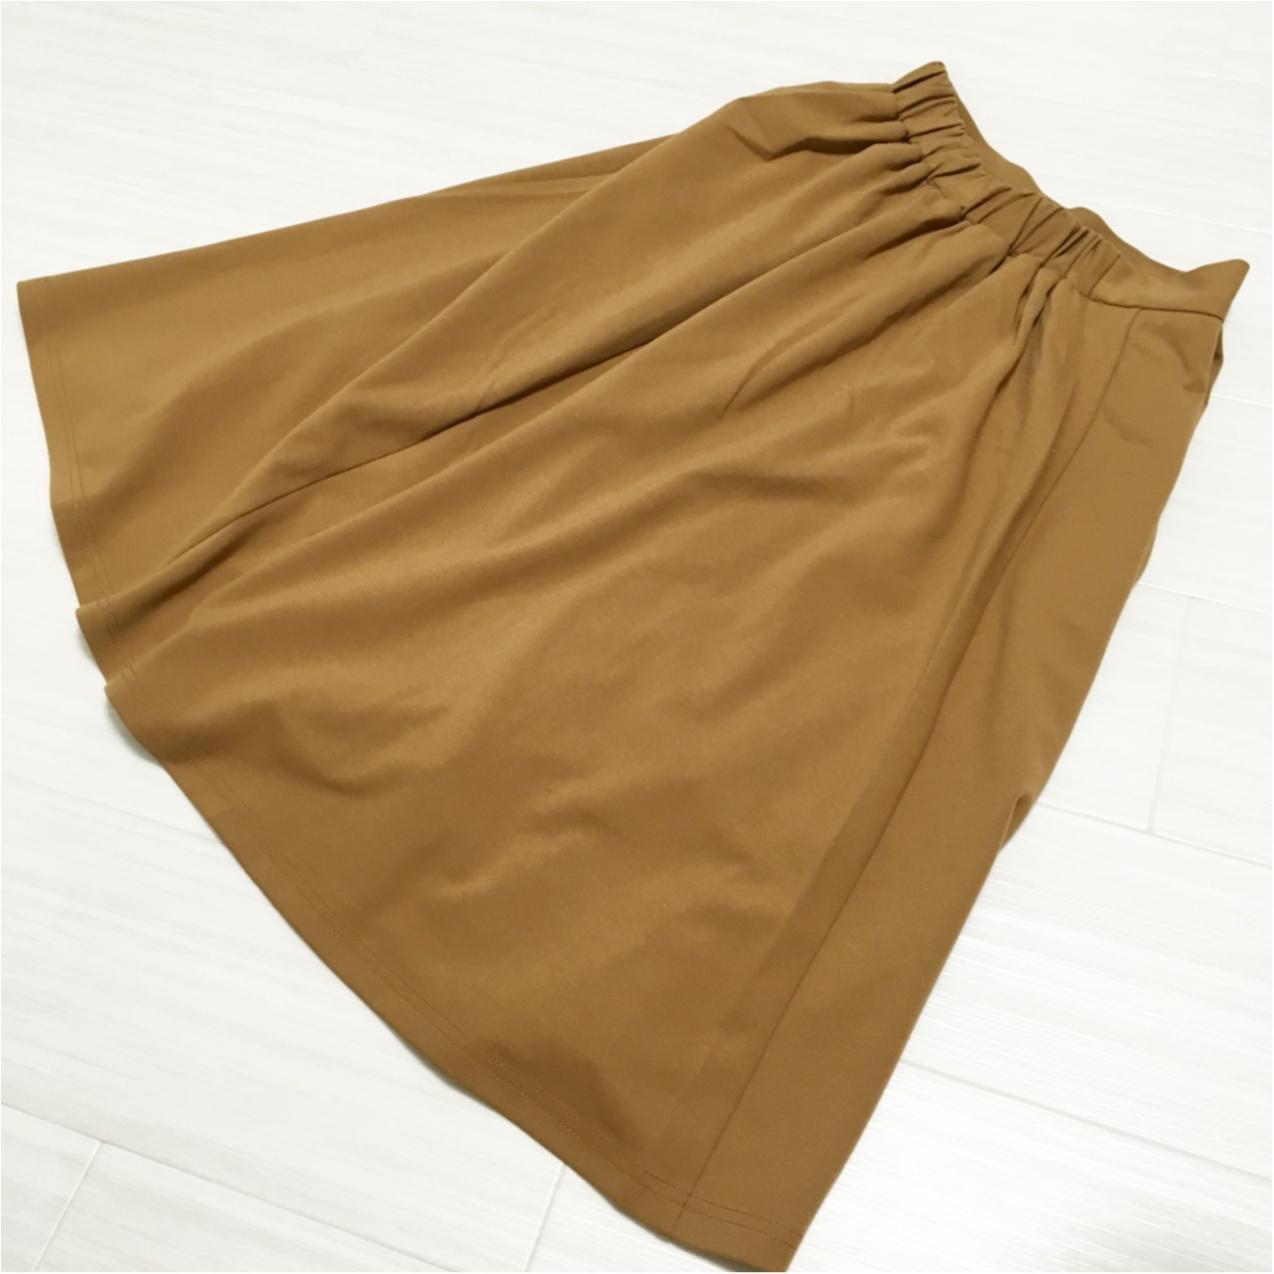 秋はブラウンが主役 ♡ GUスカートでプチプラ秋コーデ♪_3